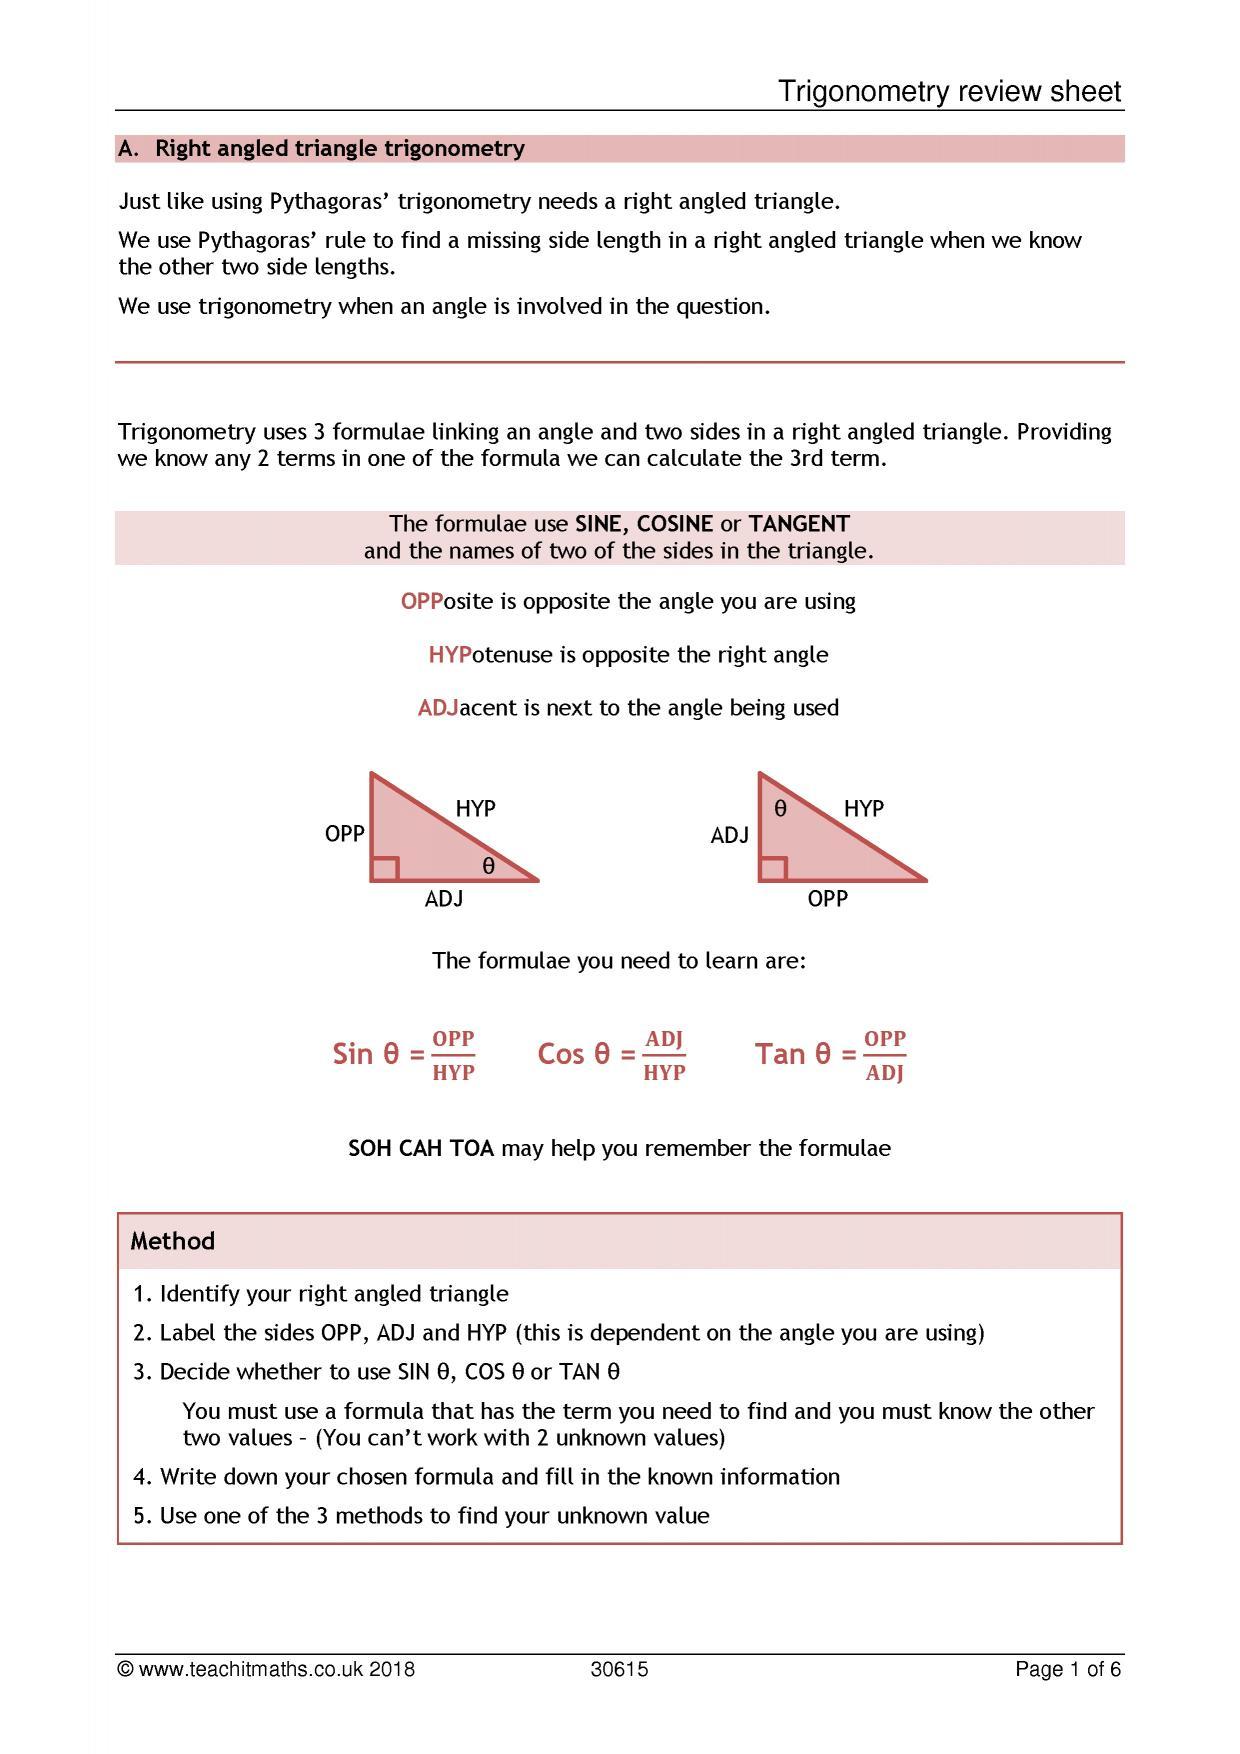 Trigonometry – SOHCAHTOA   Teachit Maths